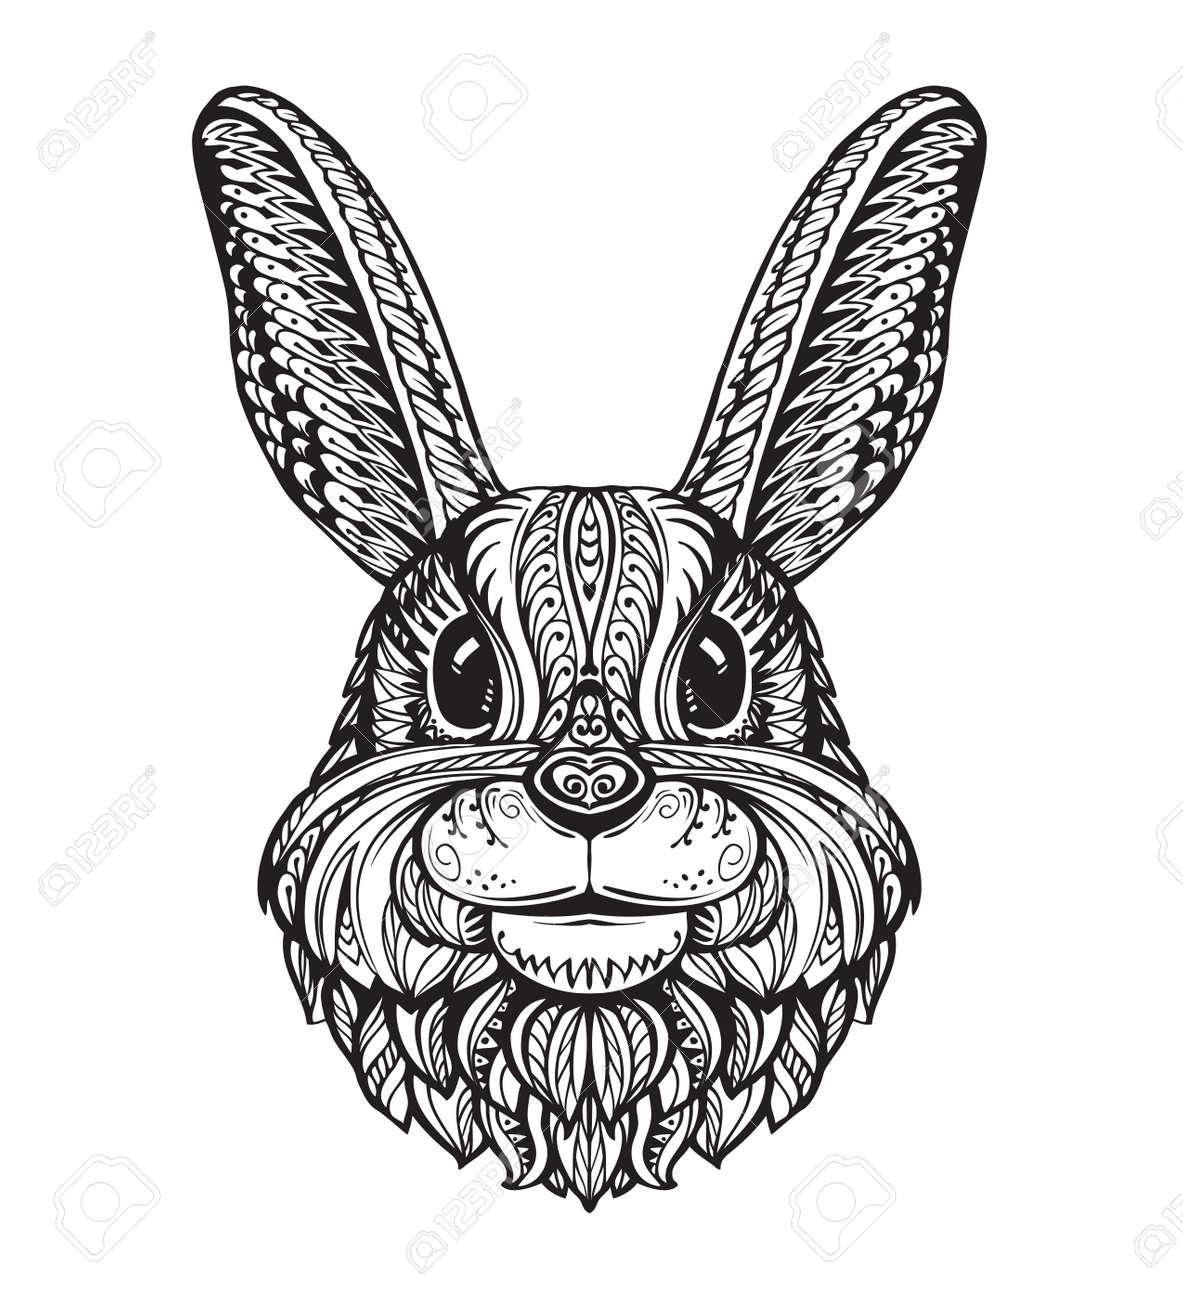 Kaninchen Oder Hase Kopf Isoliert Auf Weißem Hintergrund